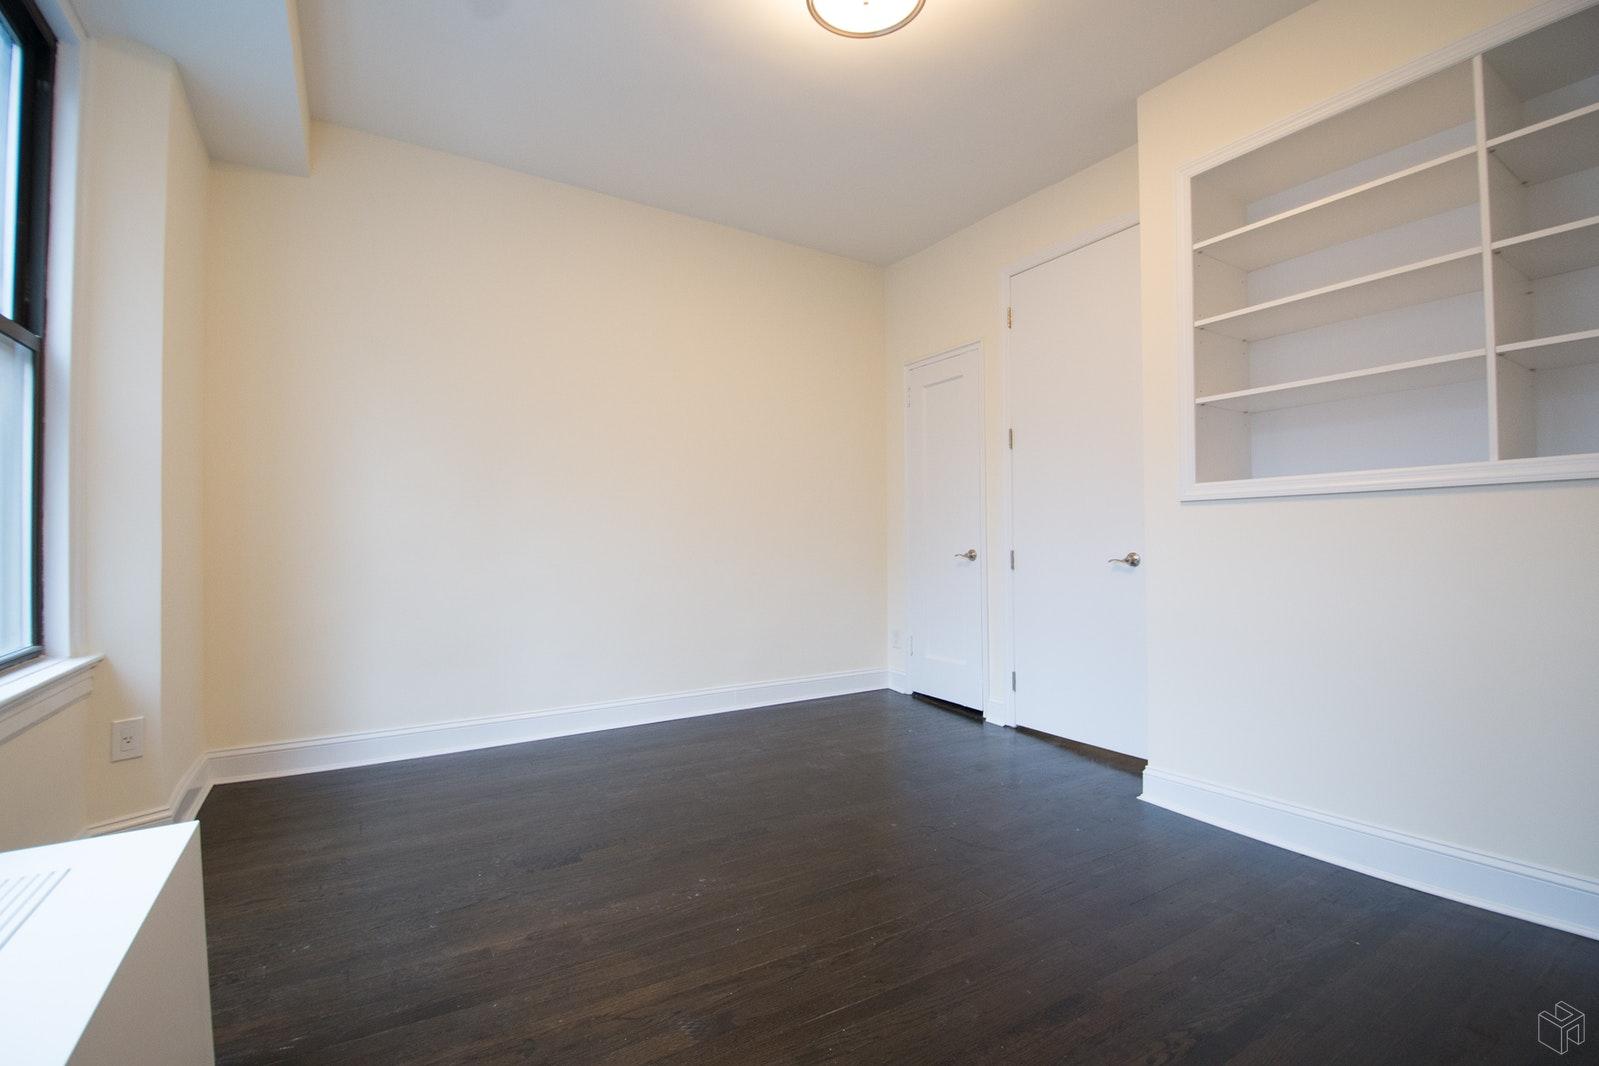 245 WEST 72ND STREET 4A, Upper West Side, $2,775, Web #: 19531267